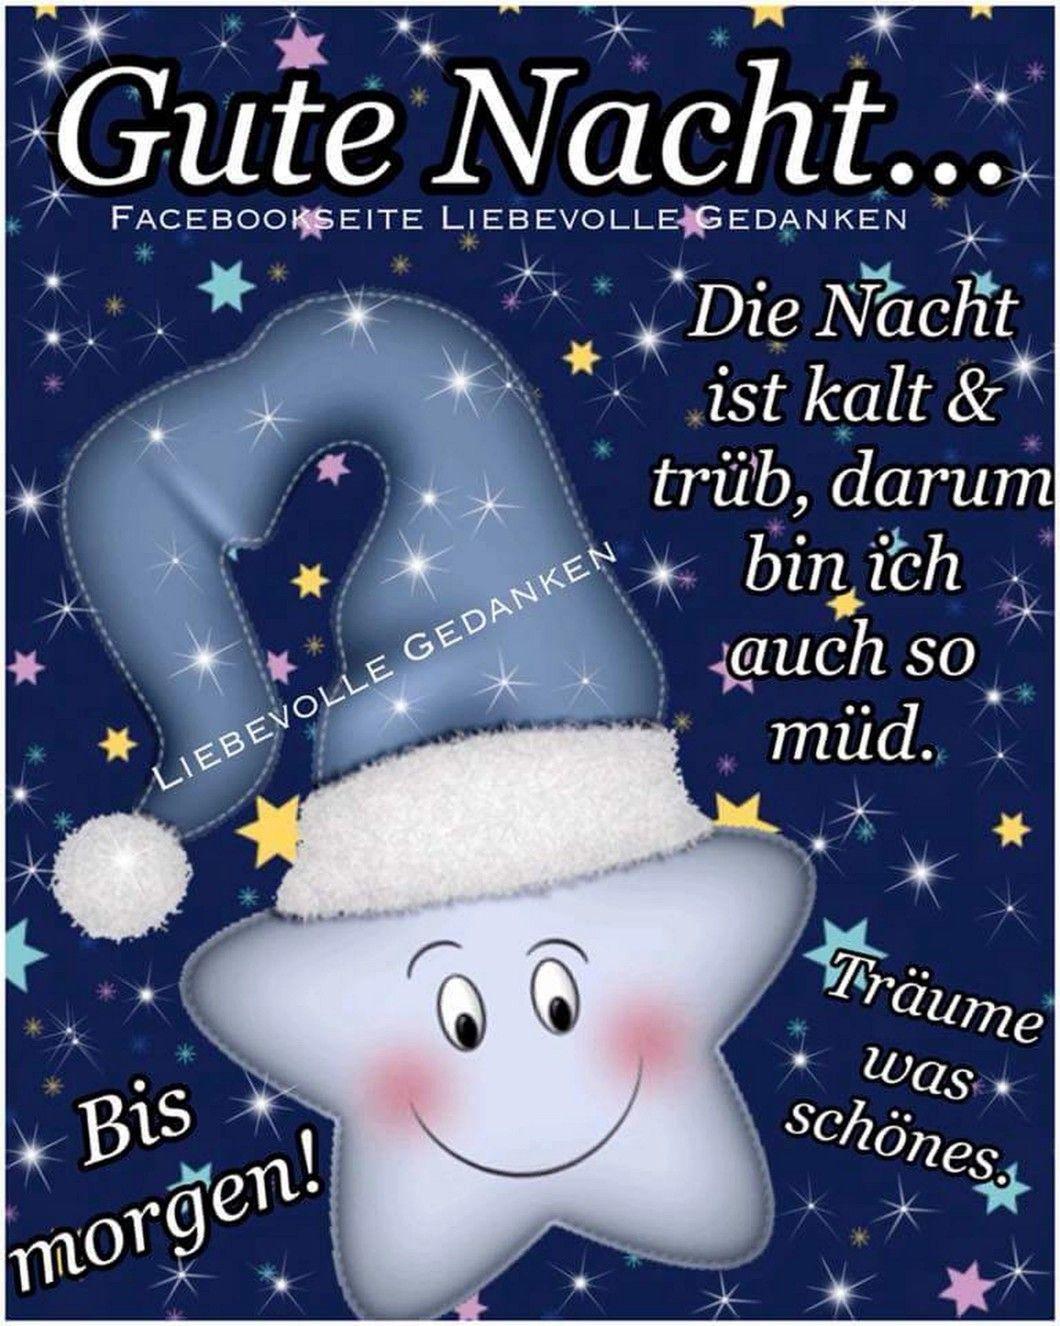 Gute Nacht Gedicht Kinder Bilder Und Sprüche Für Whatsapp